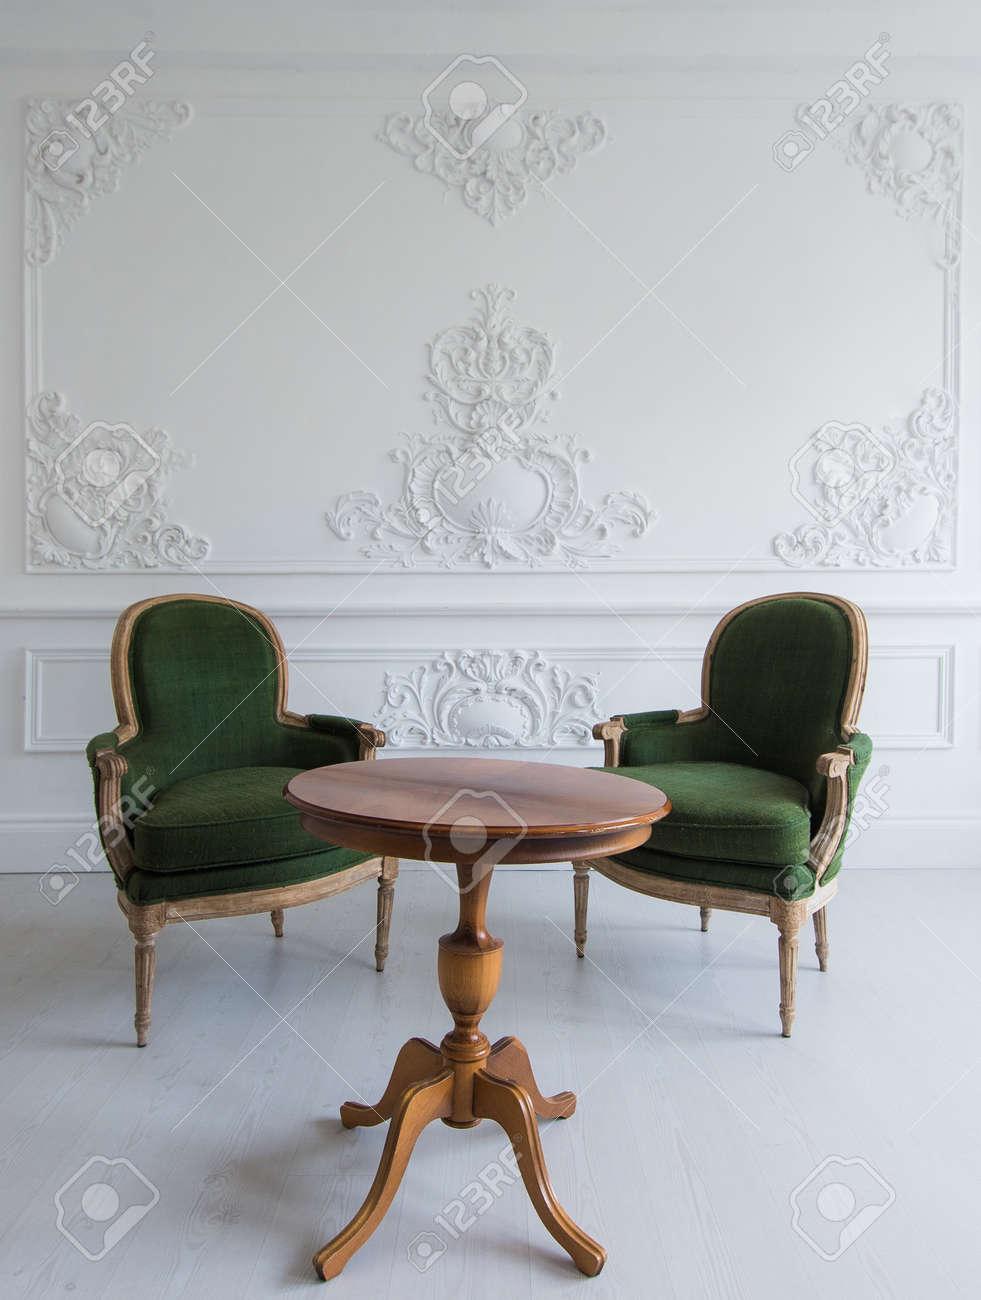 Style De Chaises Anciennes luxe intérieur intérieur blanc brillant avec des chaises anciennes  anciennes anciennes en bois sur des éléments roccoco en moulures en strac  en